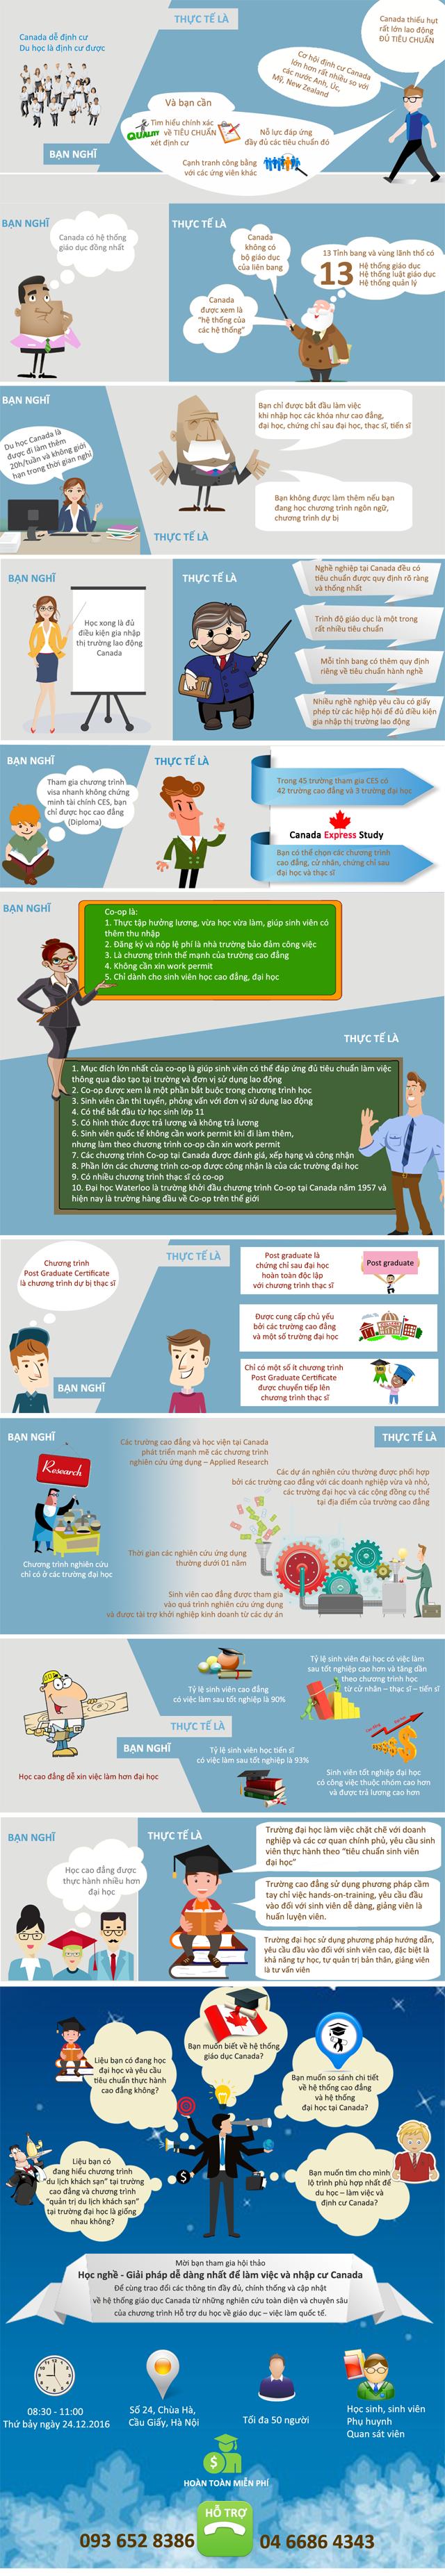 Infographic: Mười điều lầm tưởng về du học và định cư Canada - 1